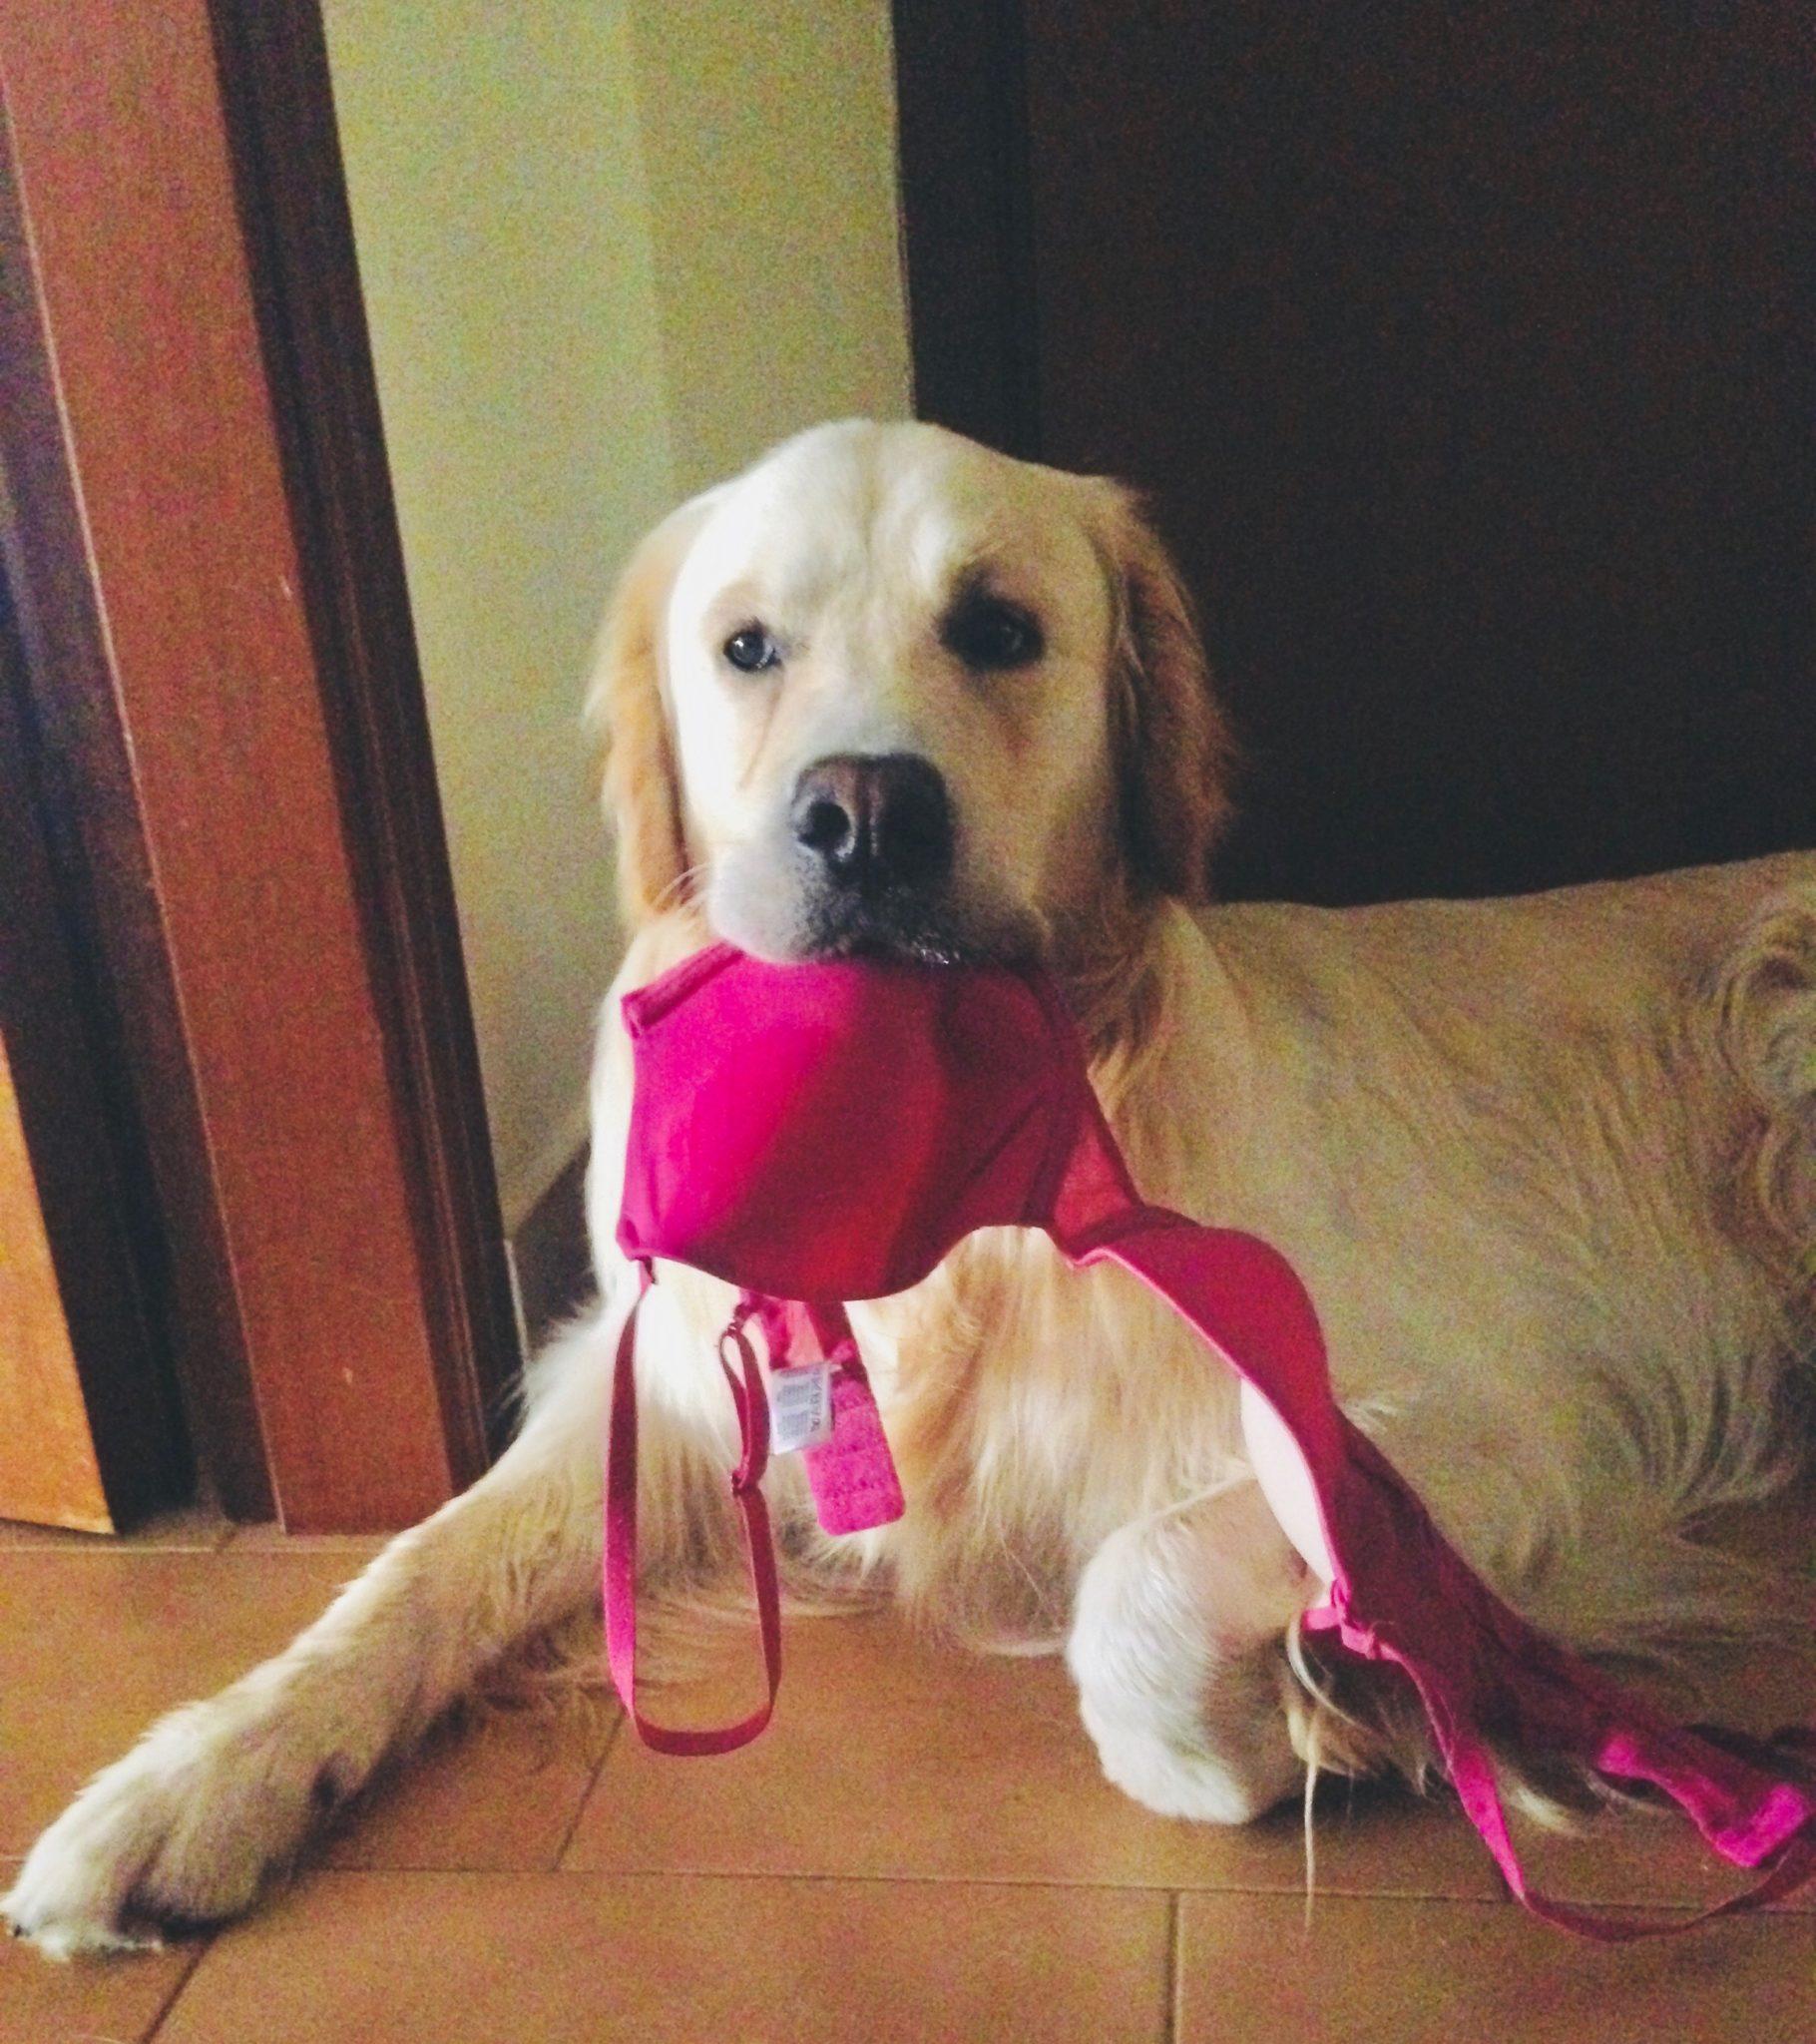 lasciare il cane da solo in casa